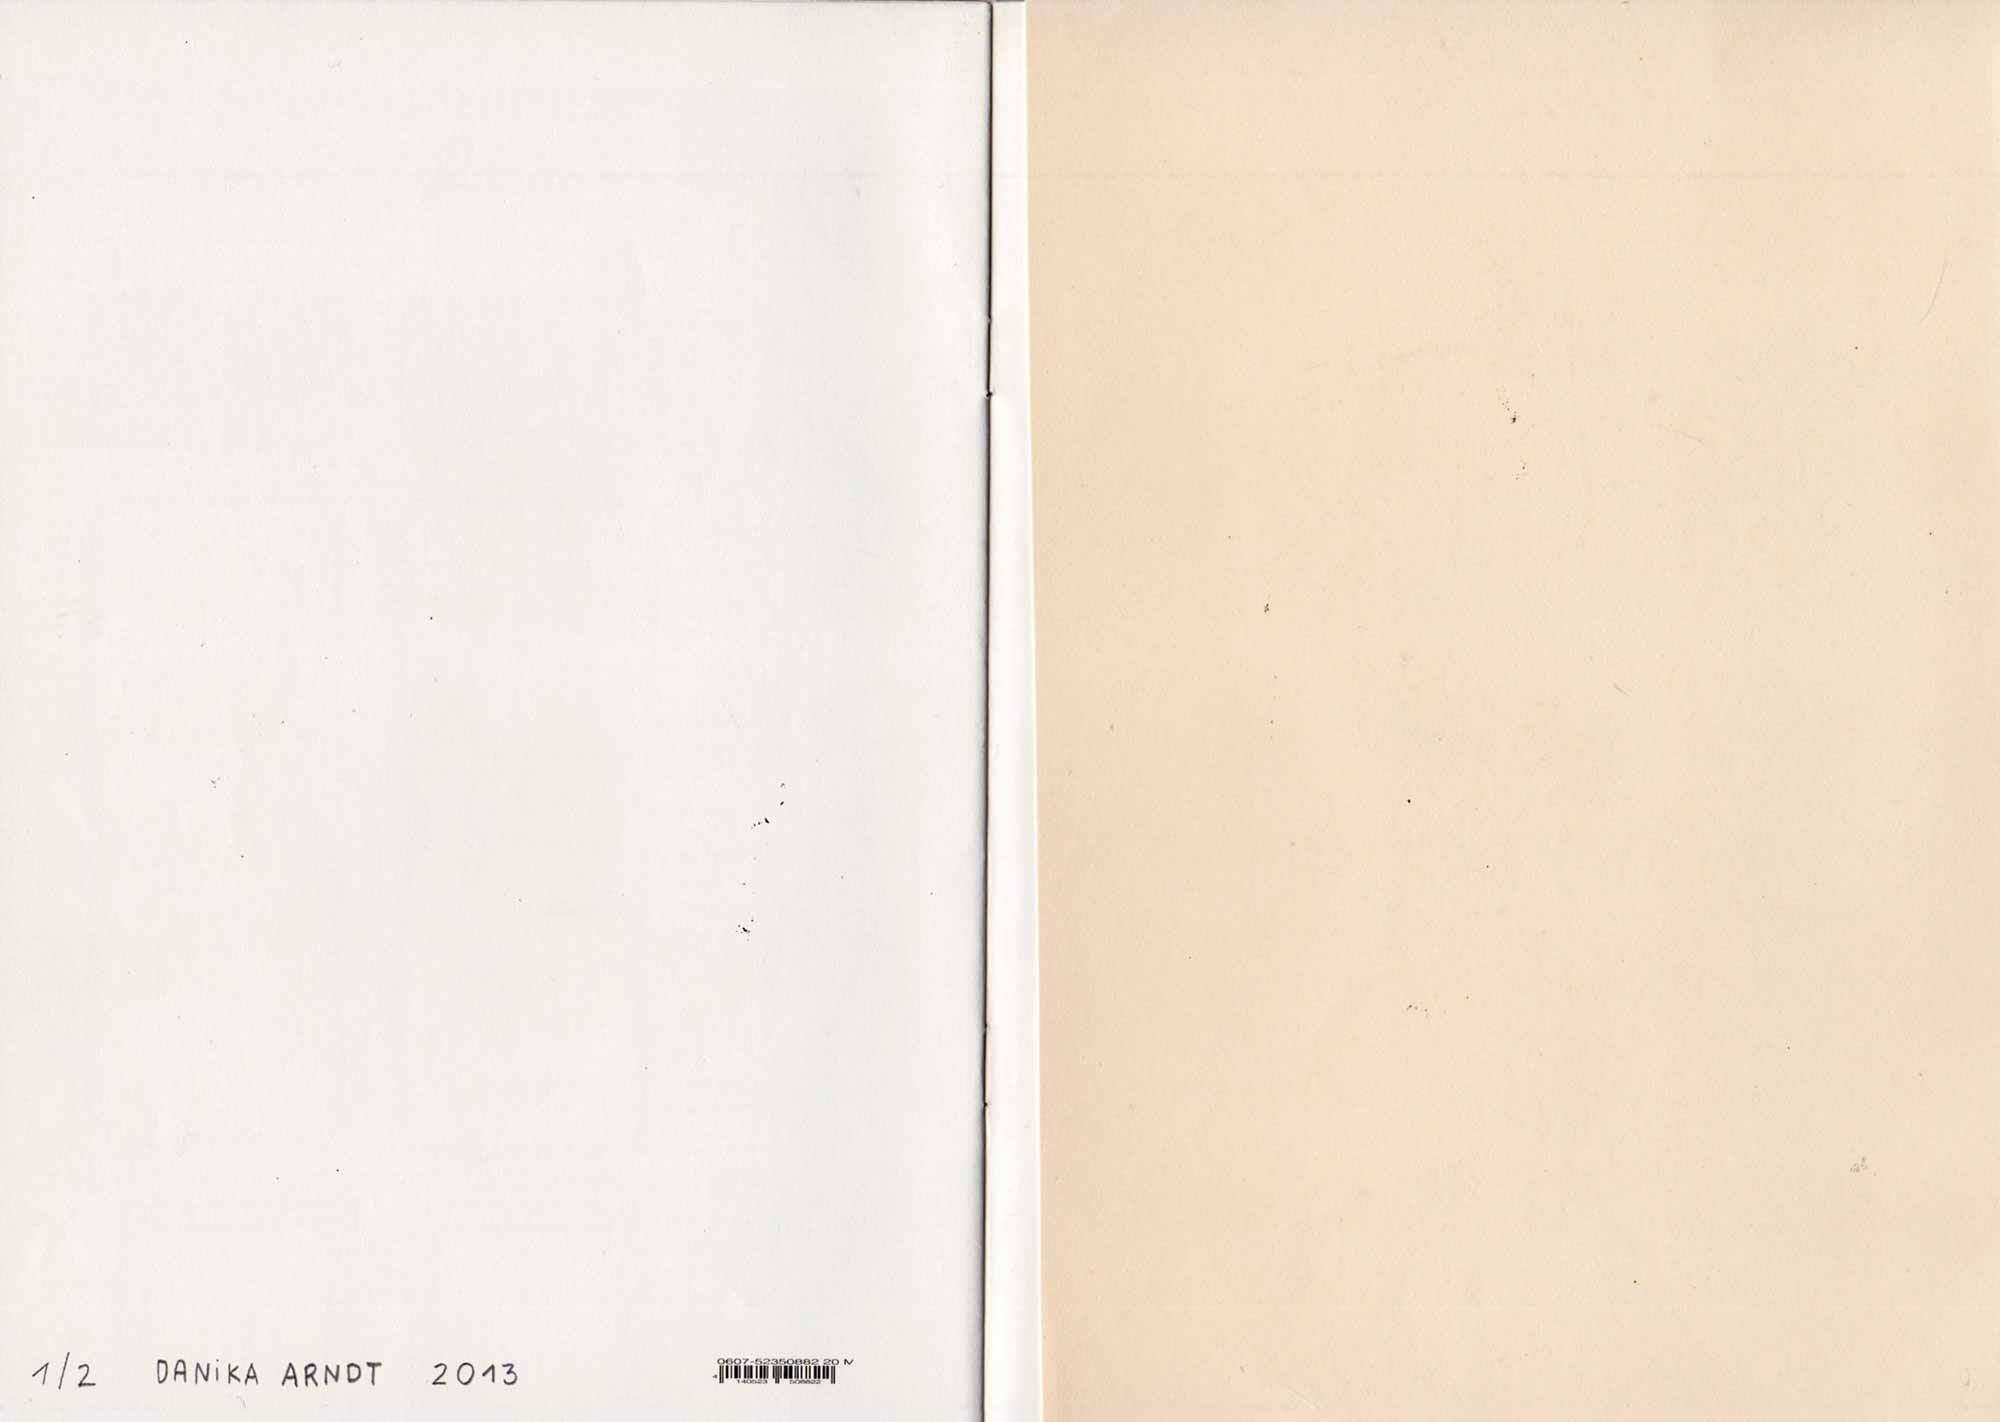 13-18-Scan-Print-16aus1337-11-web